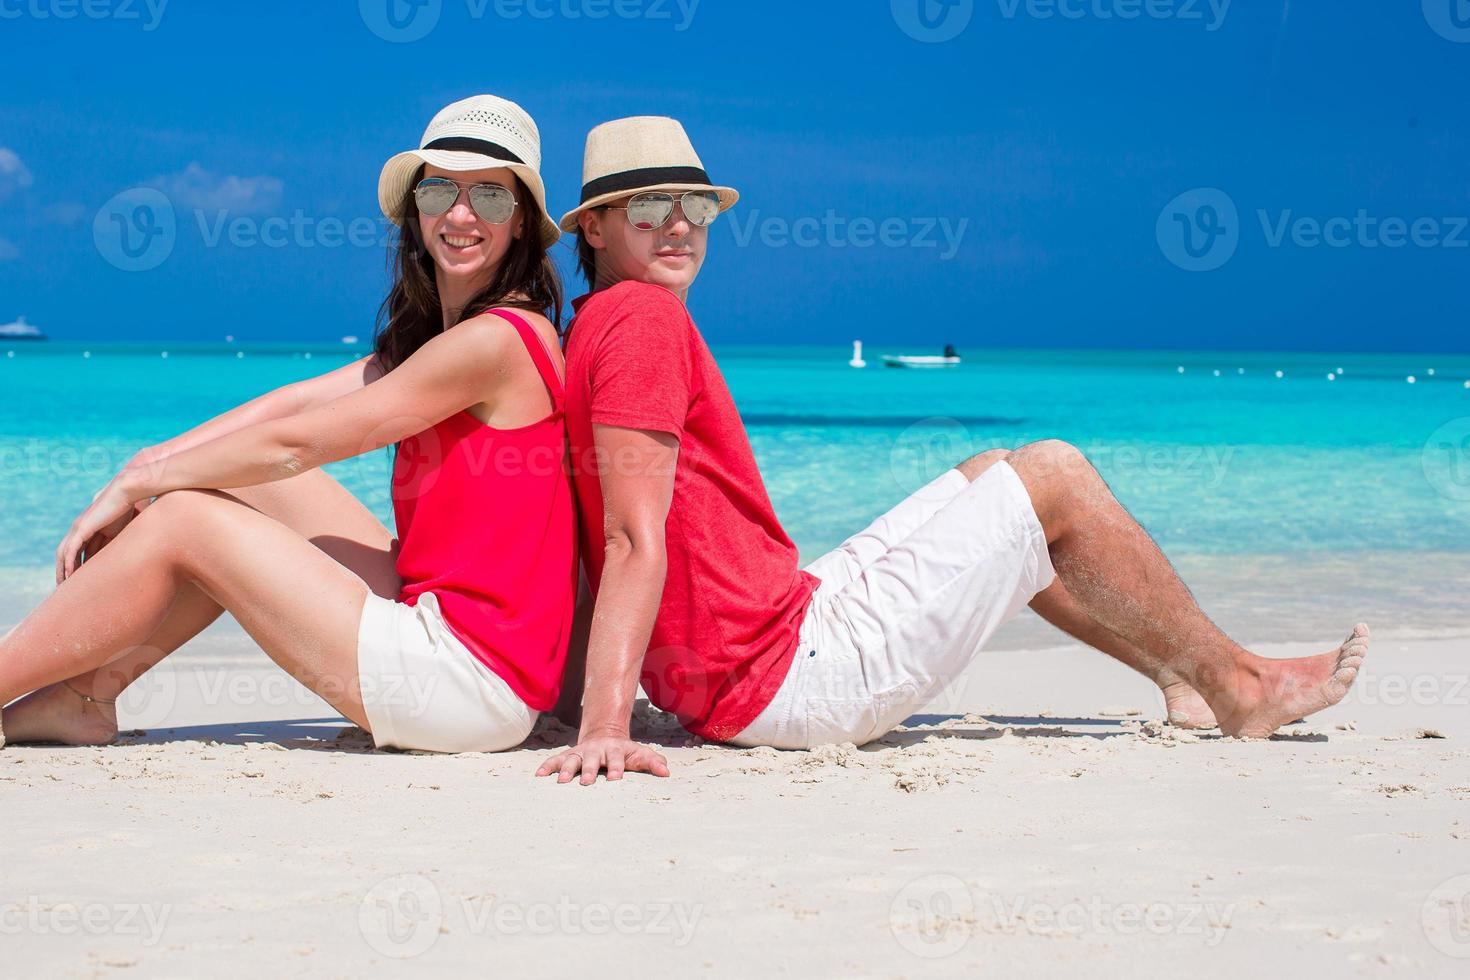 stretta di coppia sulla spiaggia bianca tropicale foto